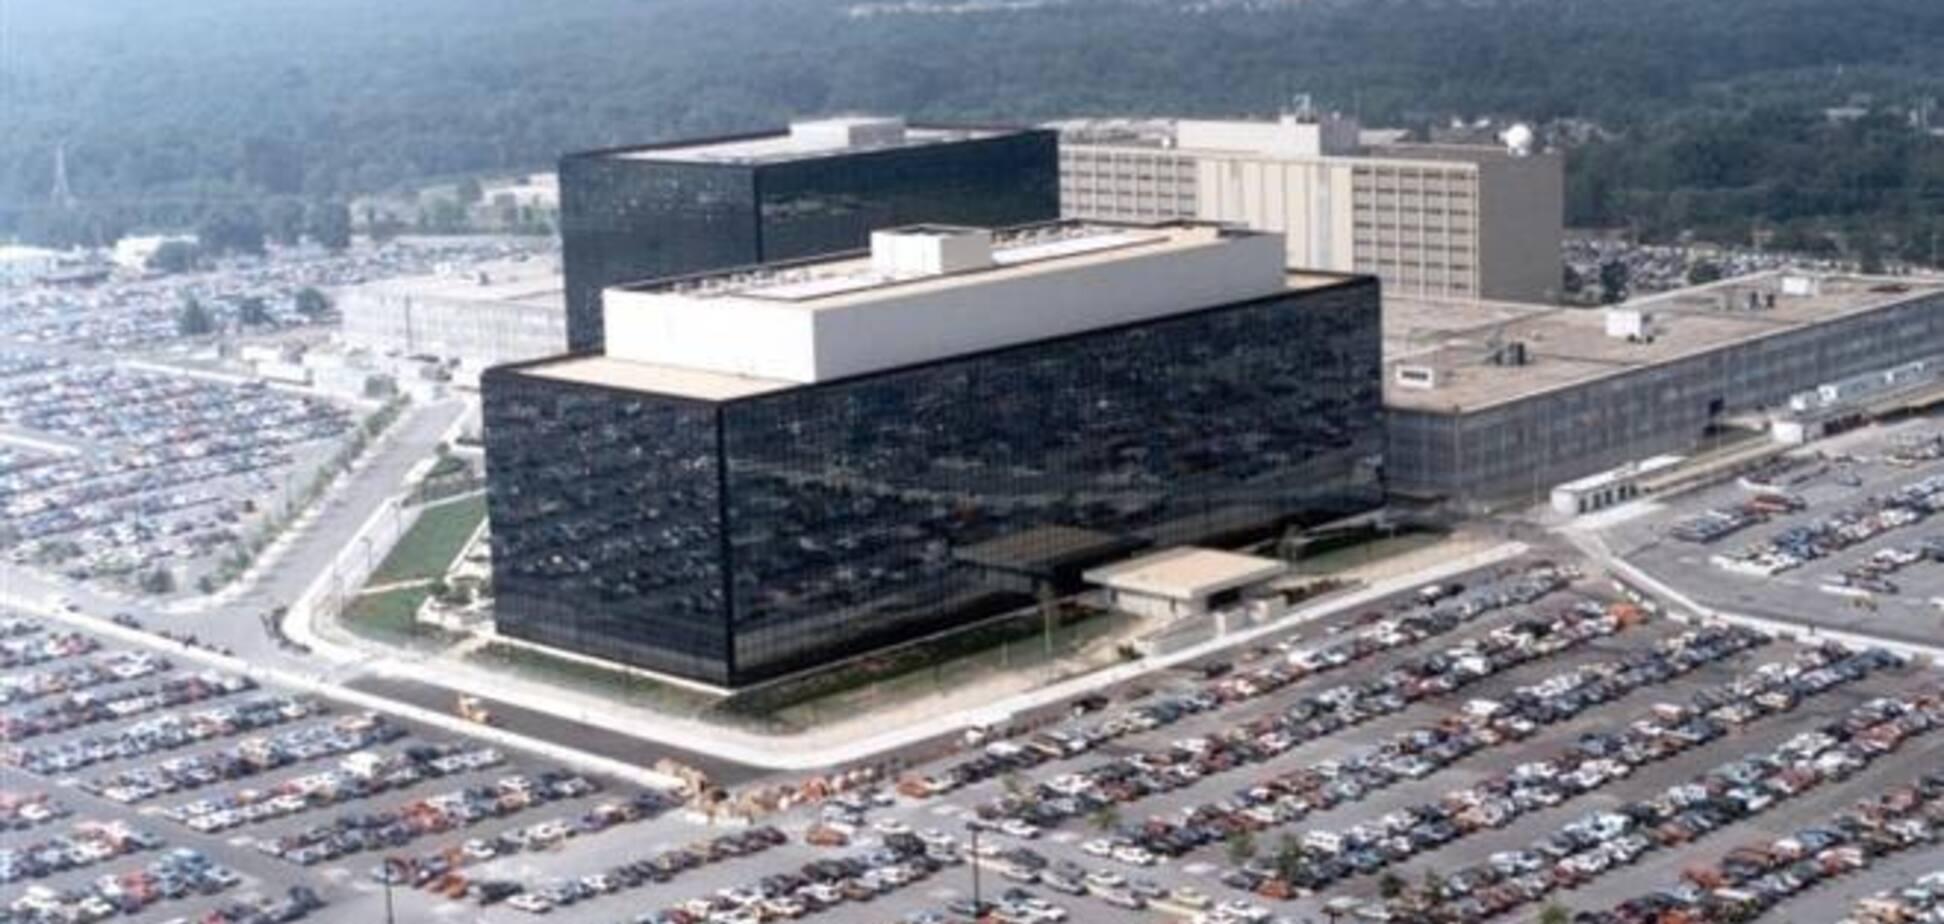 Спецслужби США підтвердили збір даних про дзвінки з мобільних по всьому світу